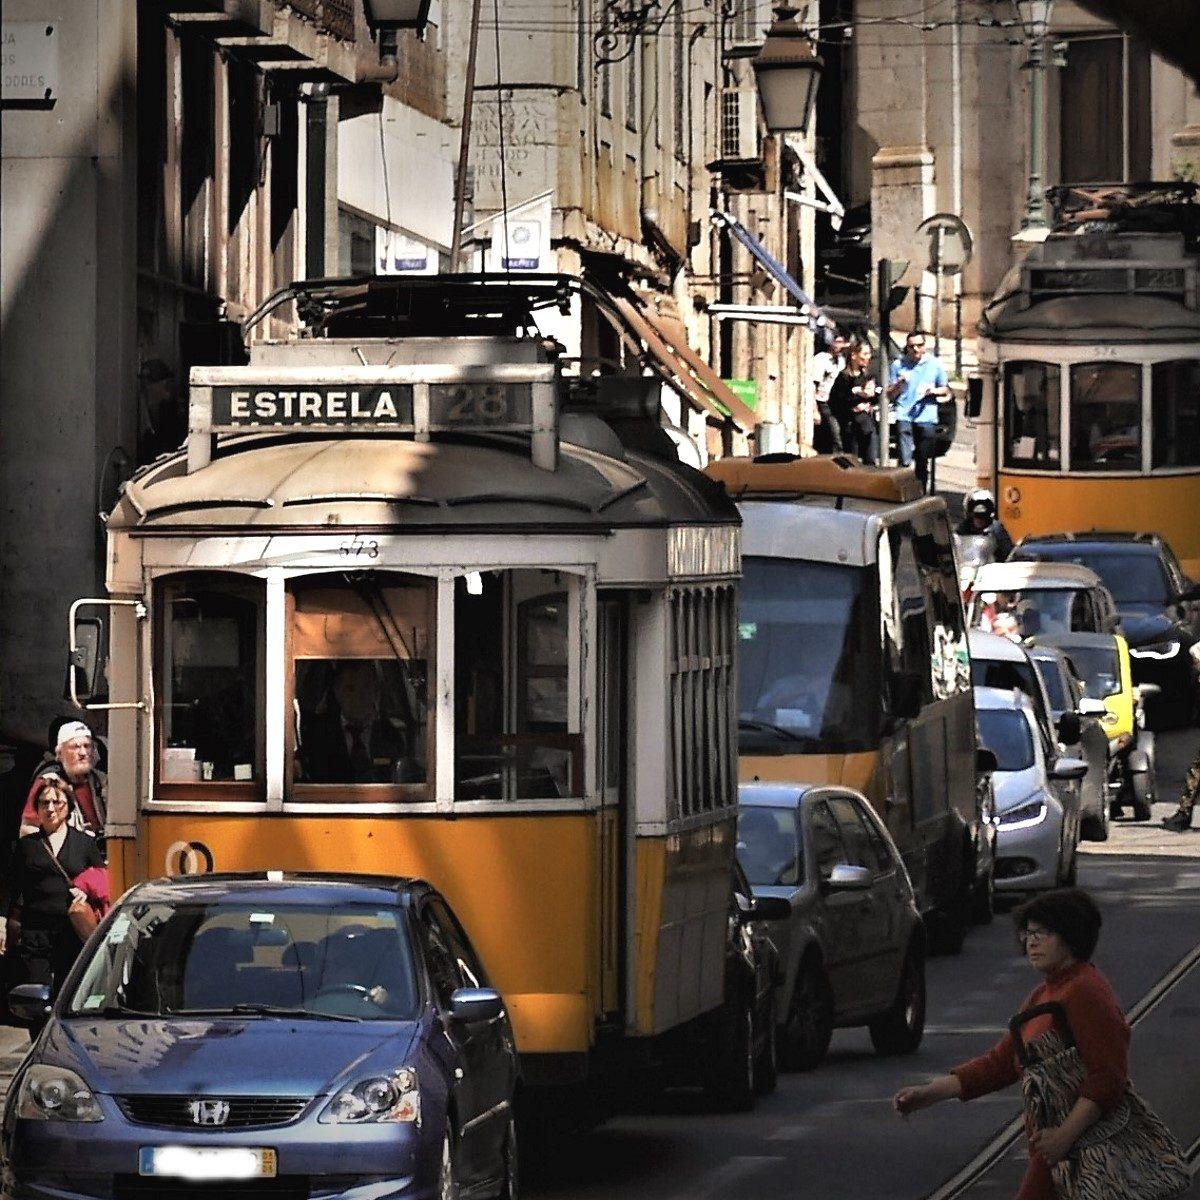 Mit der Straßenbahn 28 durch Lissabon